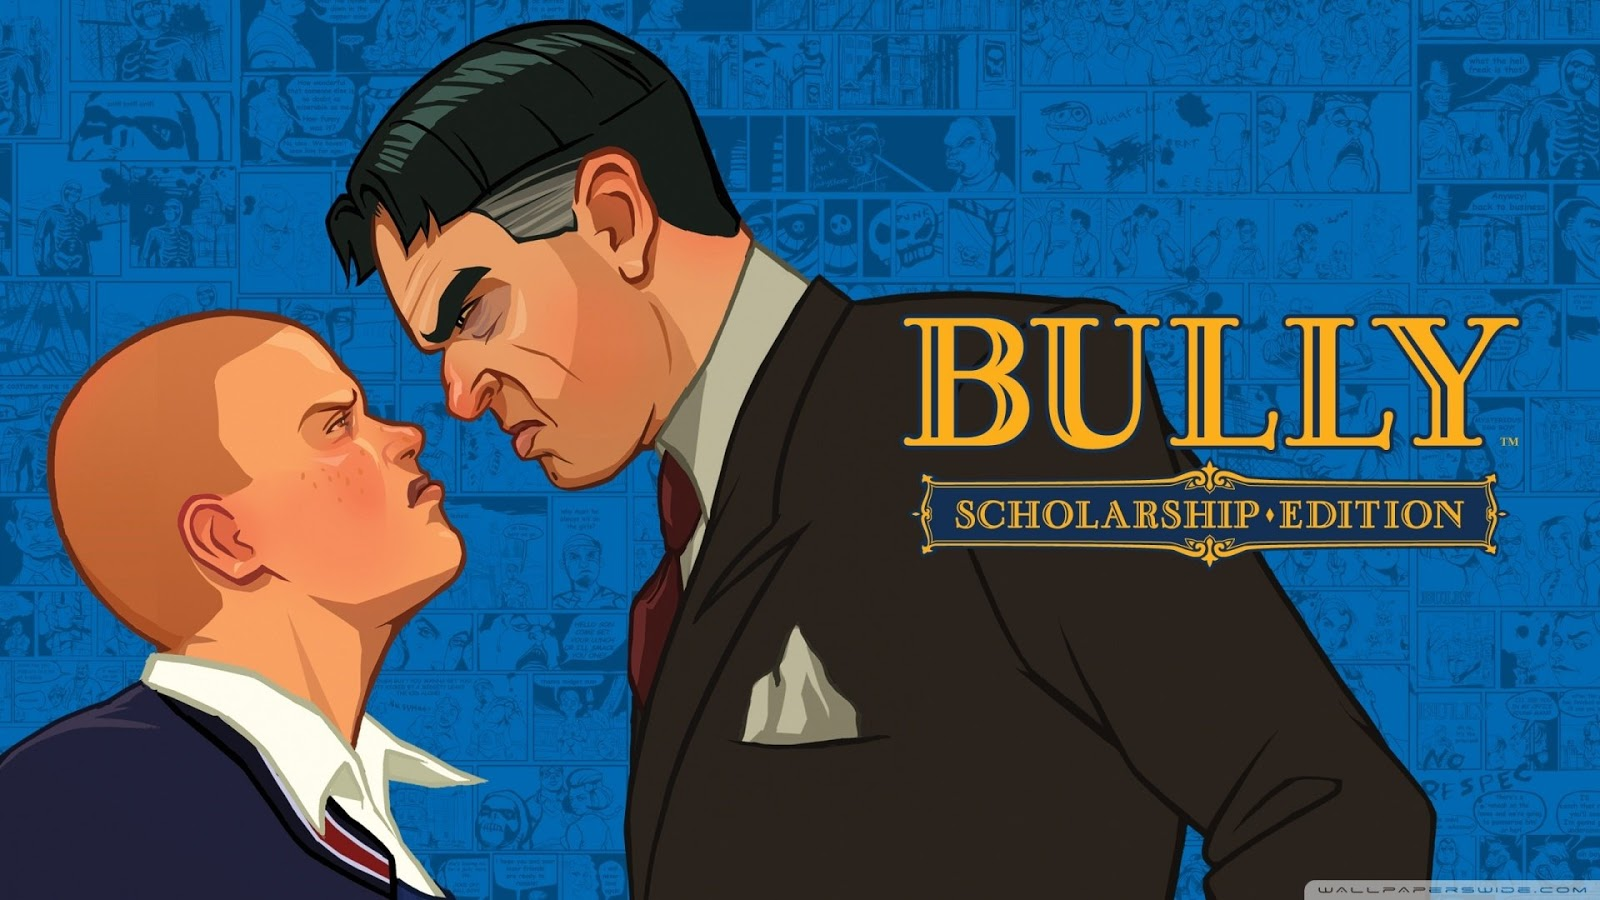 Kunci Jawaban Pelajaran Bully Scholarship Edition Anniversary Edition Lengkap